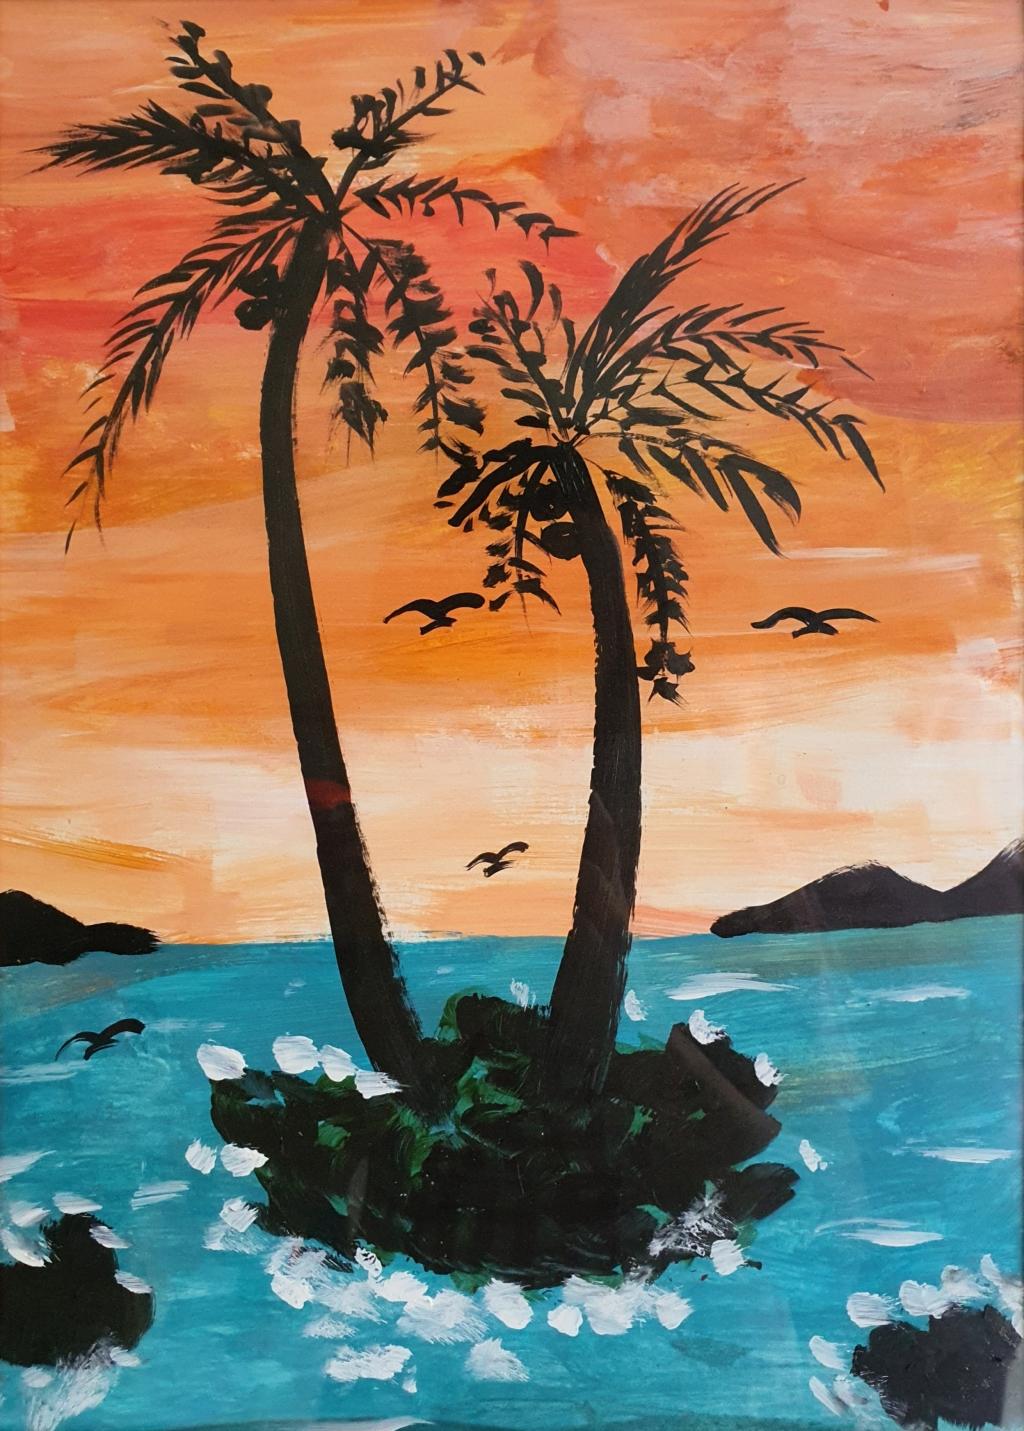 Cuộc sống bận rộn, khiến cho giây phút gia đình bên nhau trở nên quý giá, bỏ qua những cảnh sắc vốn dĩ rất đời. Cả nhà bé Bảo Hân (9 tuổi) ước mong có những giây phút bên nhau, bỏ qua bận rộn cuộc sống, thả hồn theo những hình ảnh bình dị của thiên nhiên với sóng biển, cây cối, cánh chim trời...